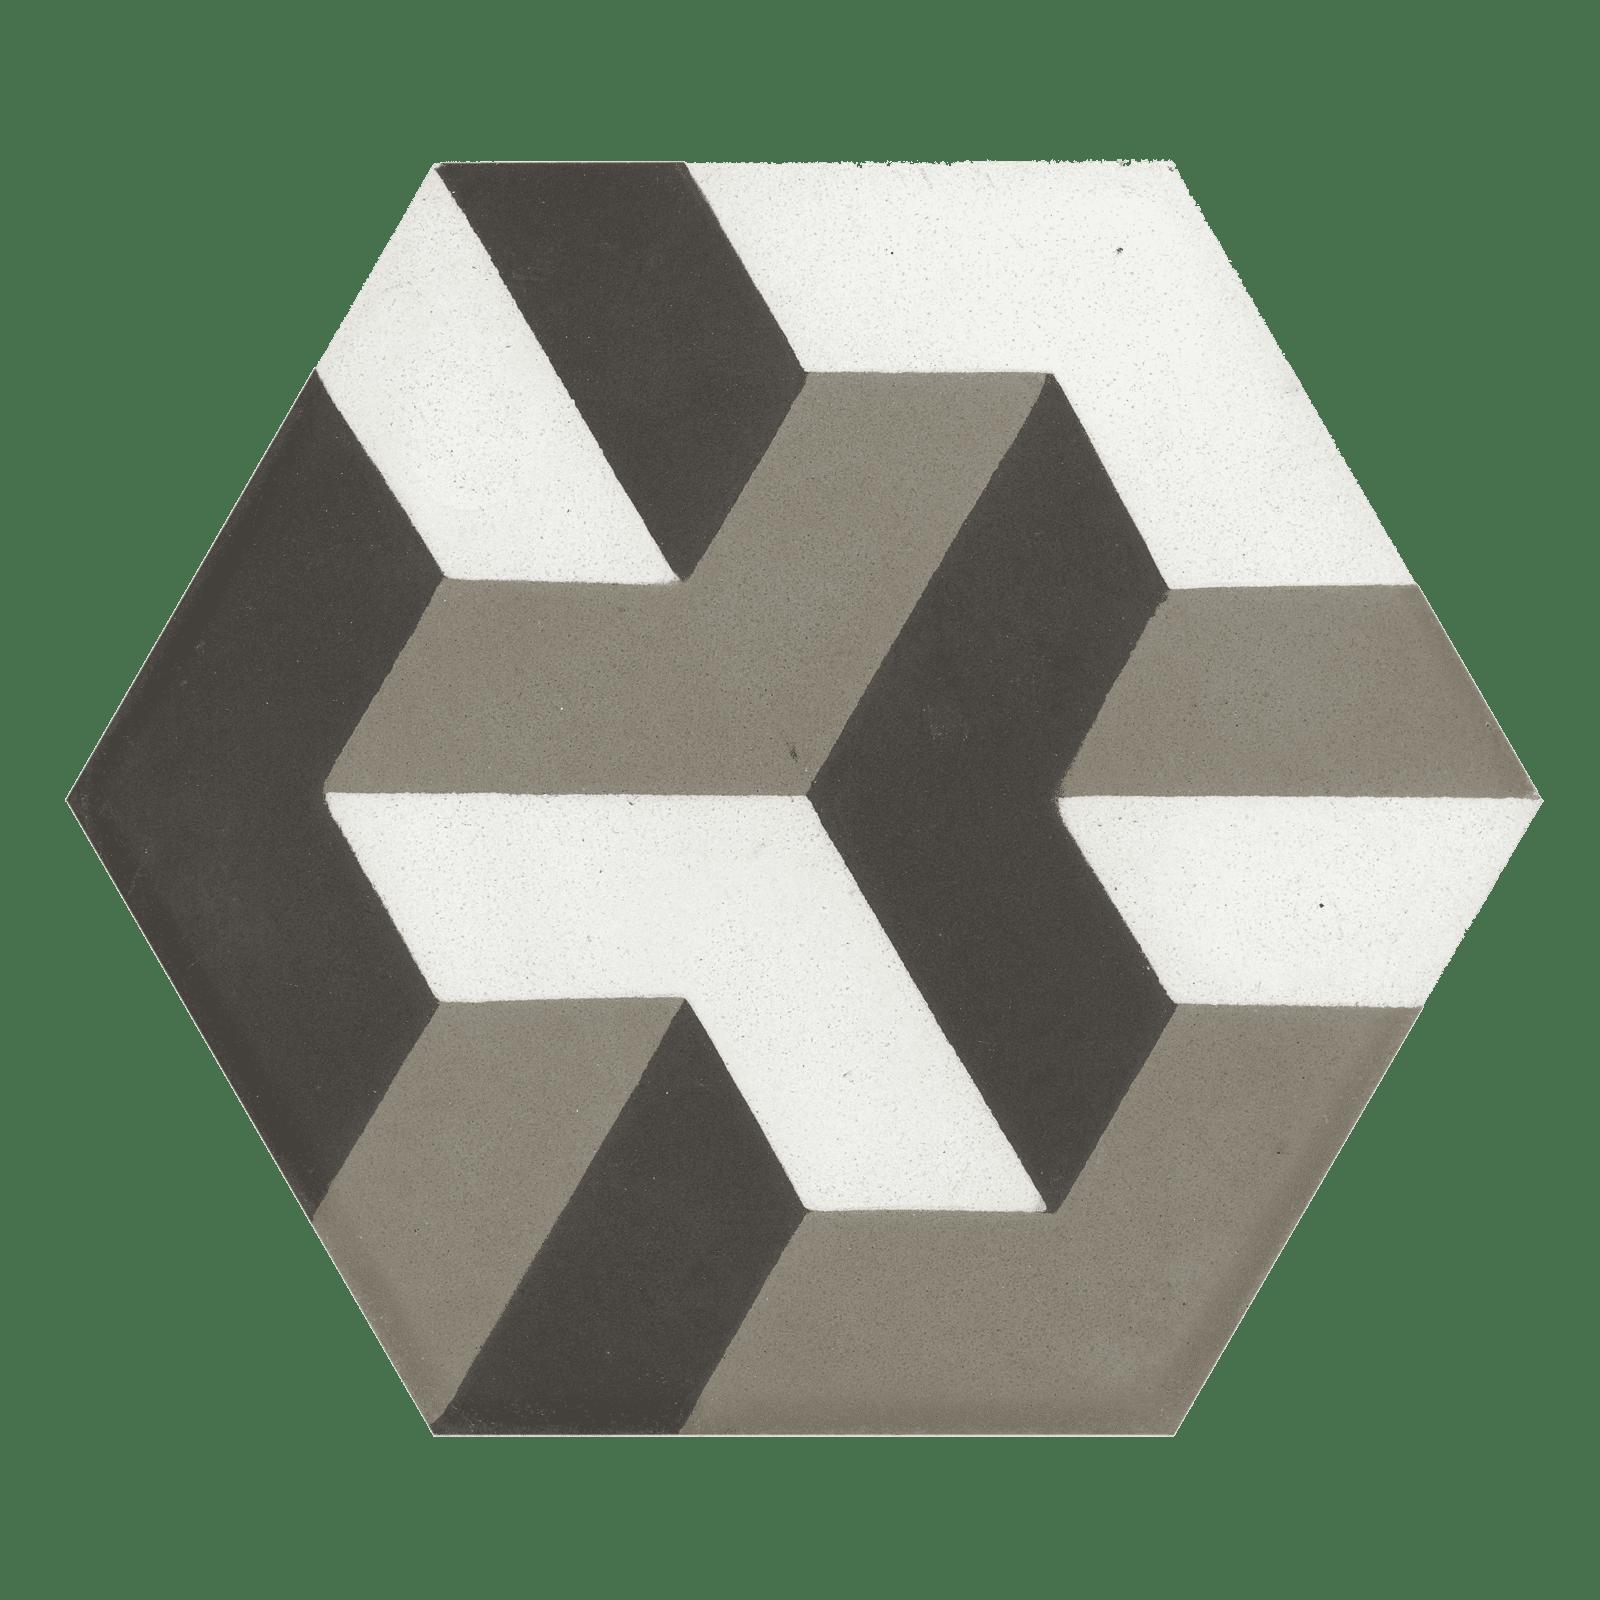 zementmosaikfliesen-nummer-600354-viaplatten | 600354